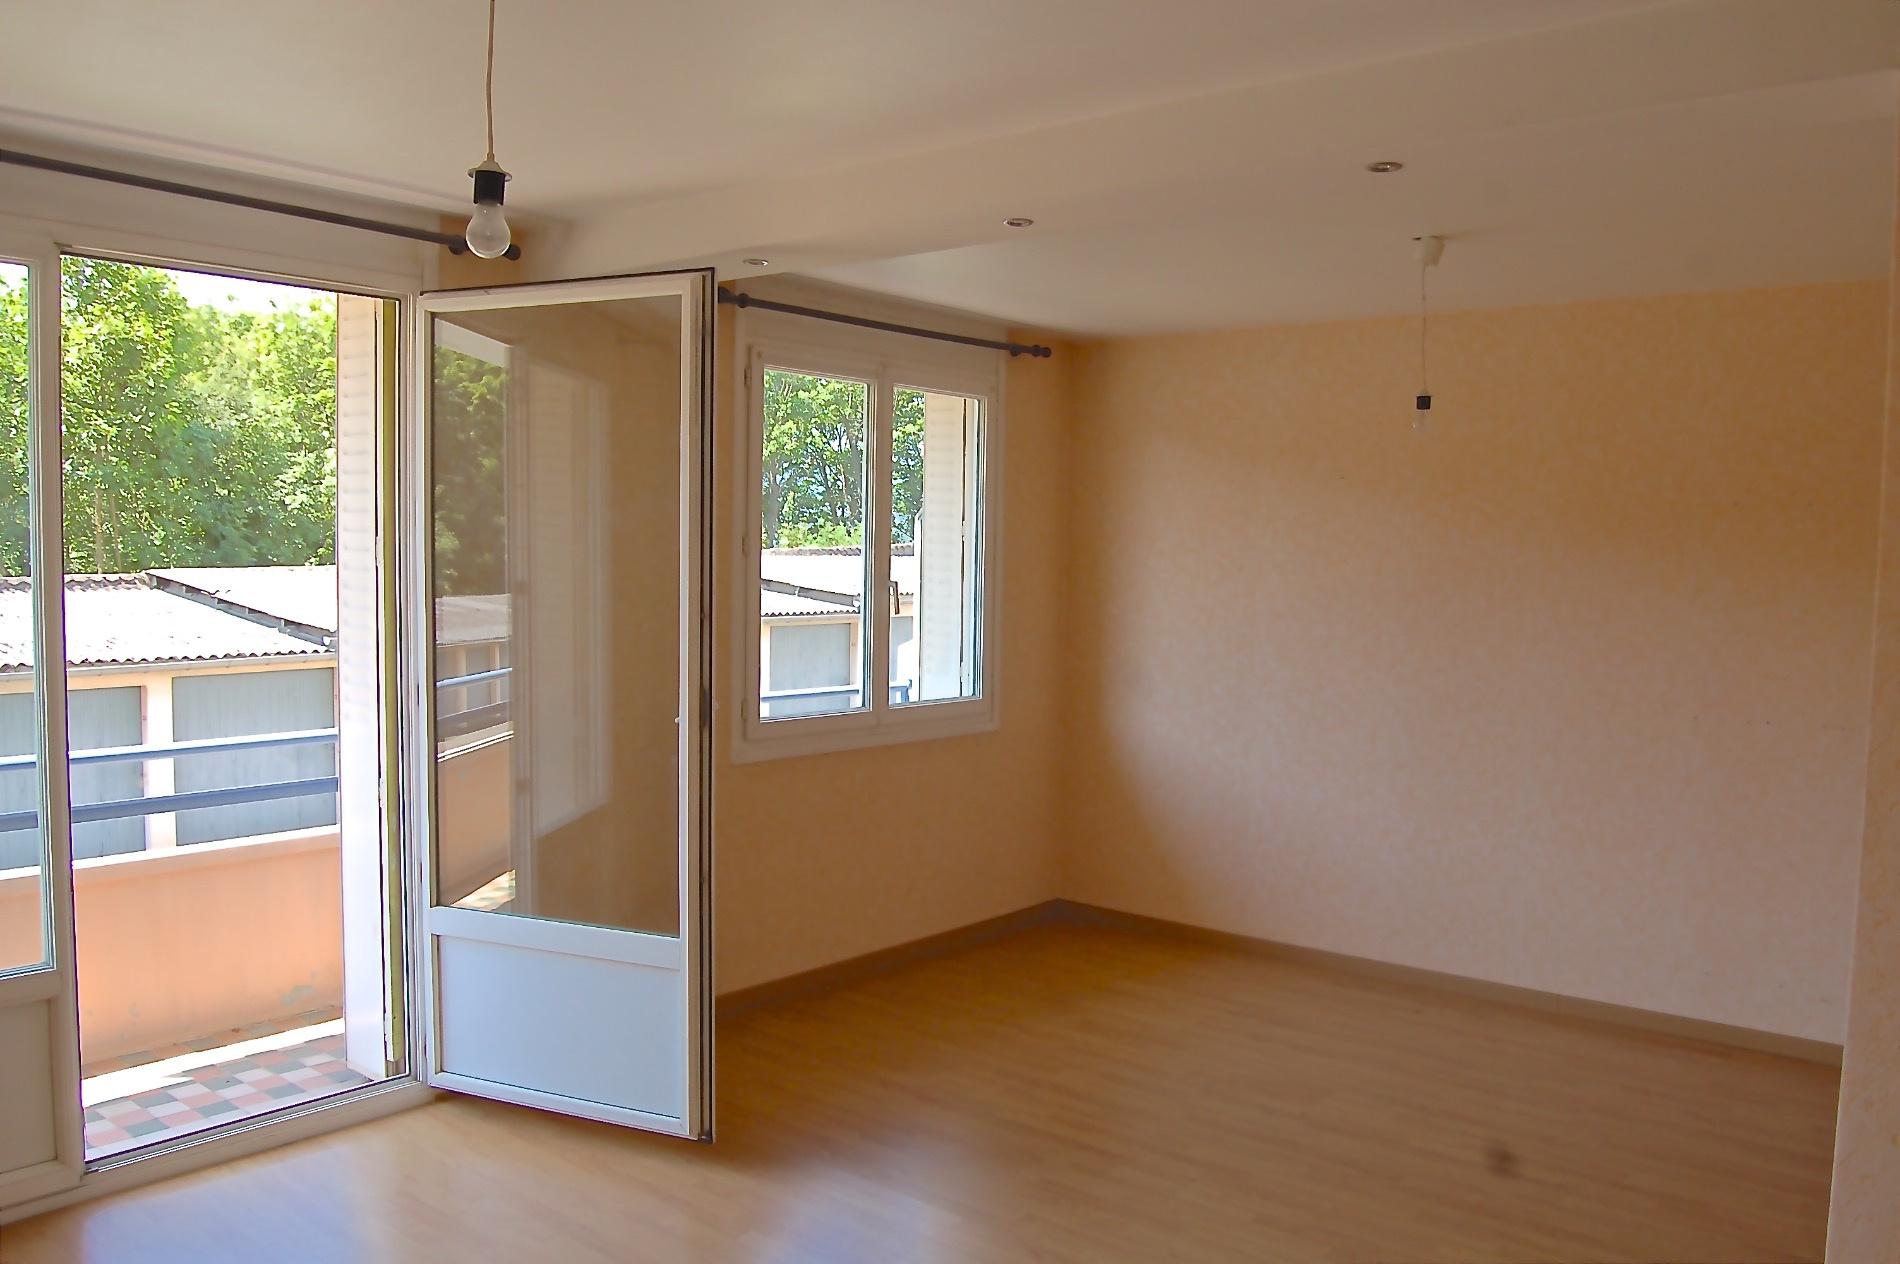 Annonce vente appartement lyon 4 61 m 173 000 for Annonce vente appartement